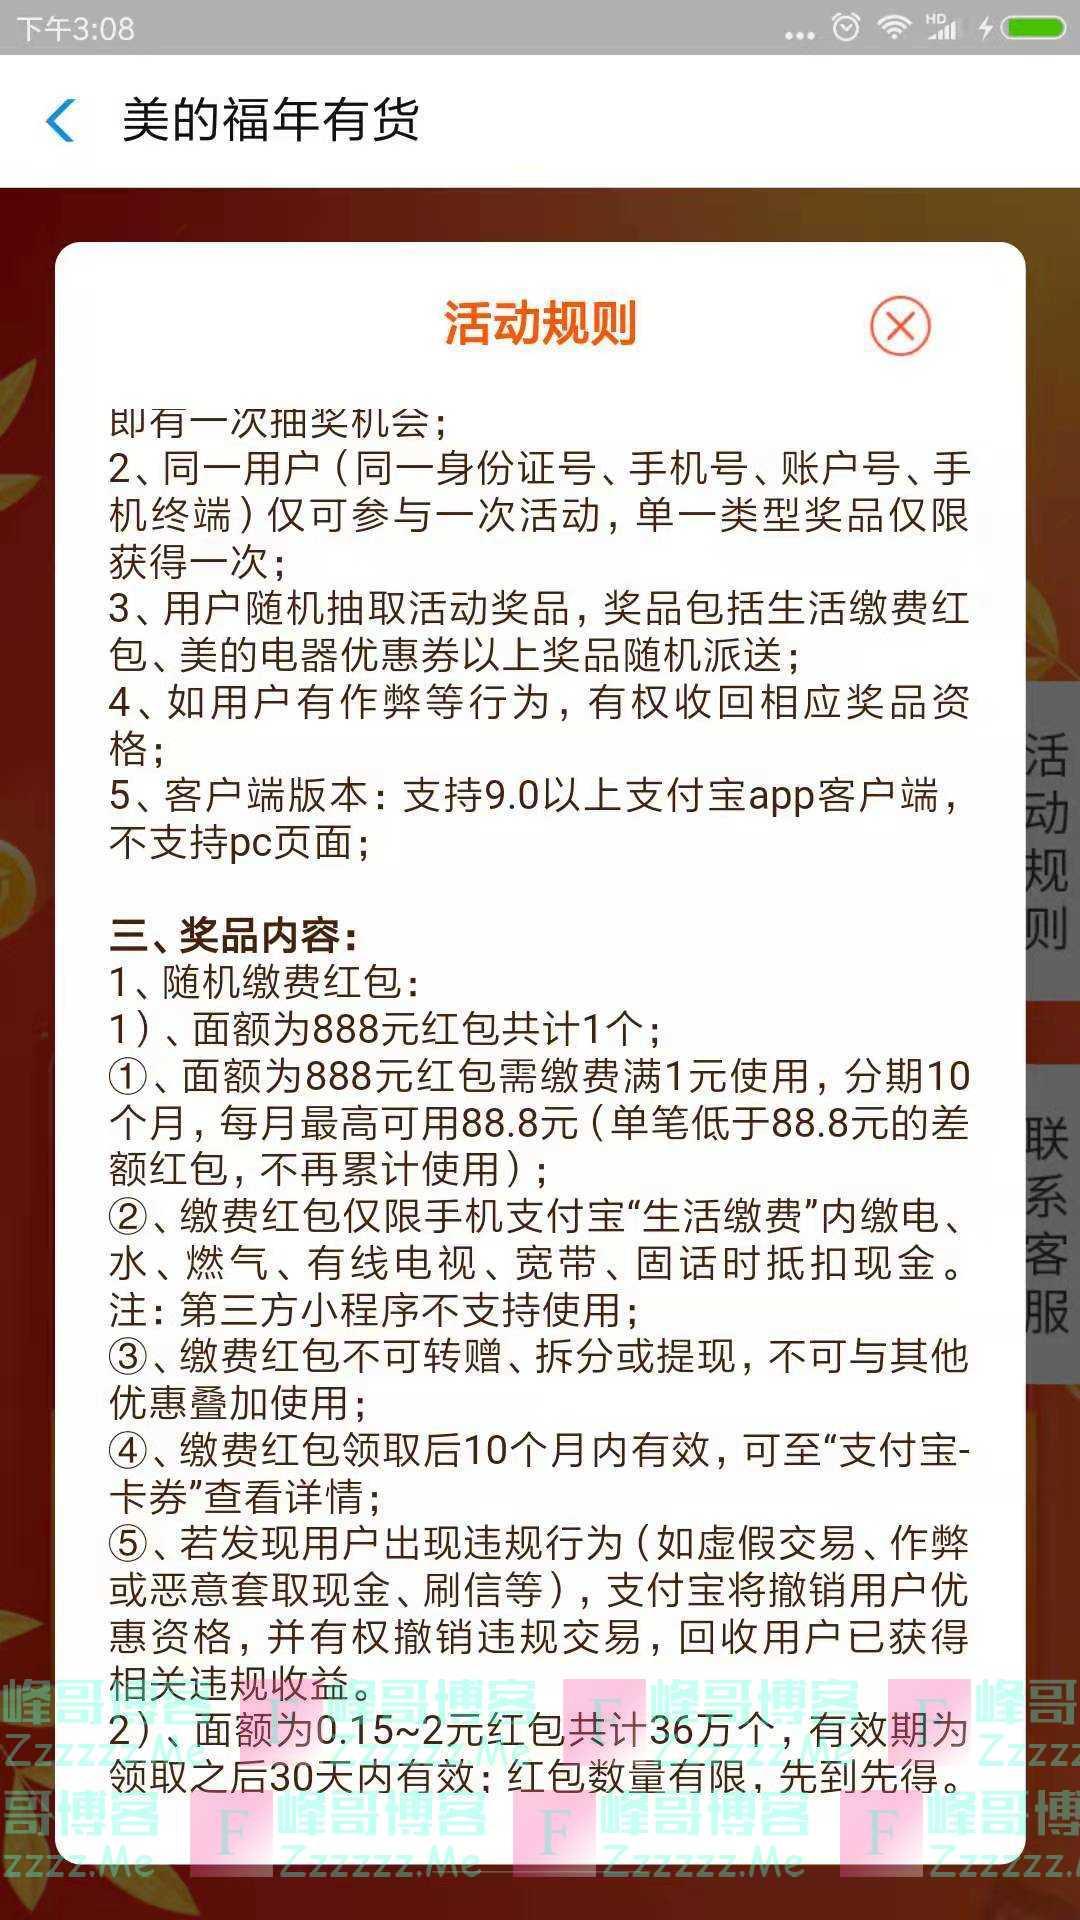 支付宝领最高888元红包过大年(截止1月10日)